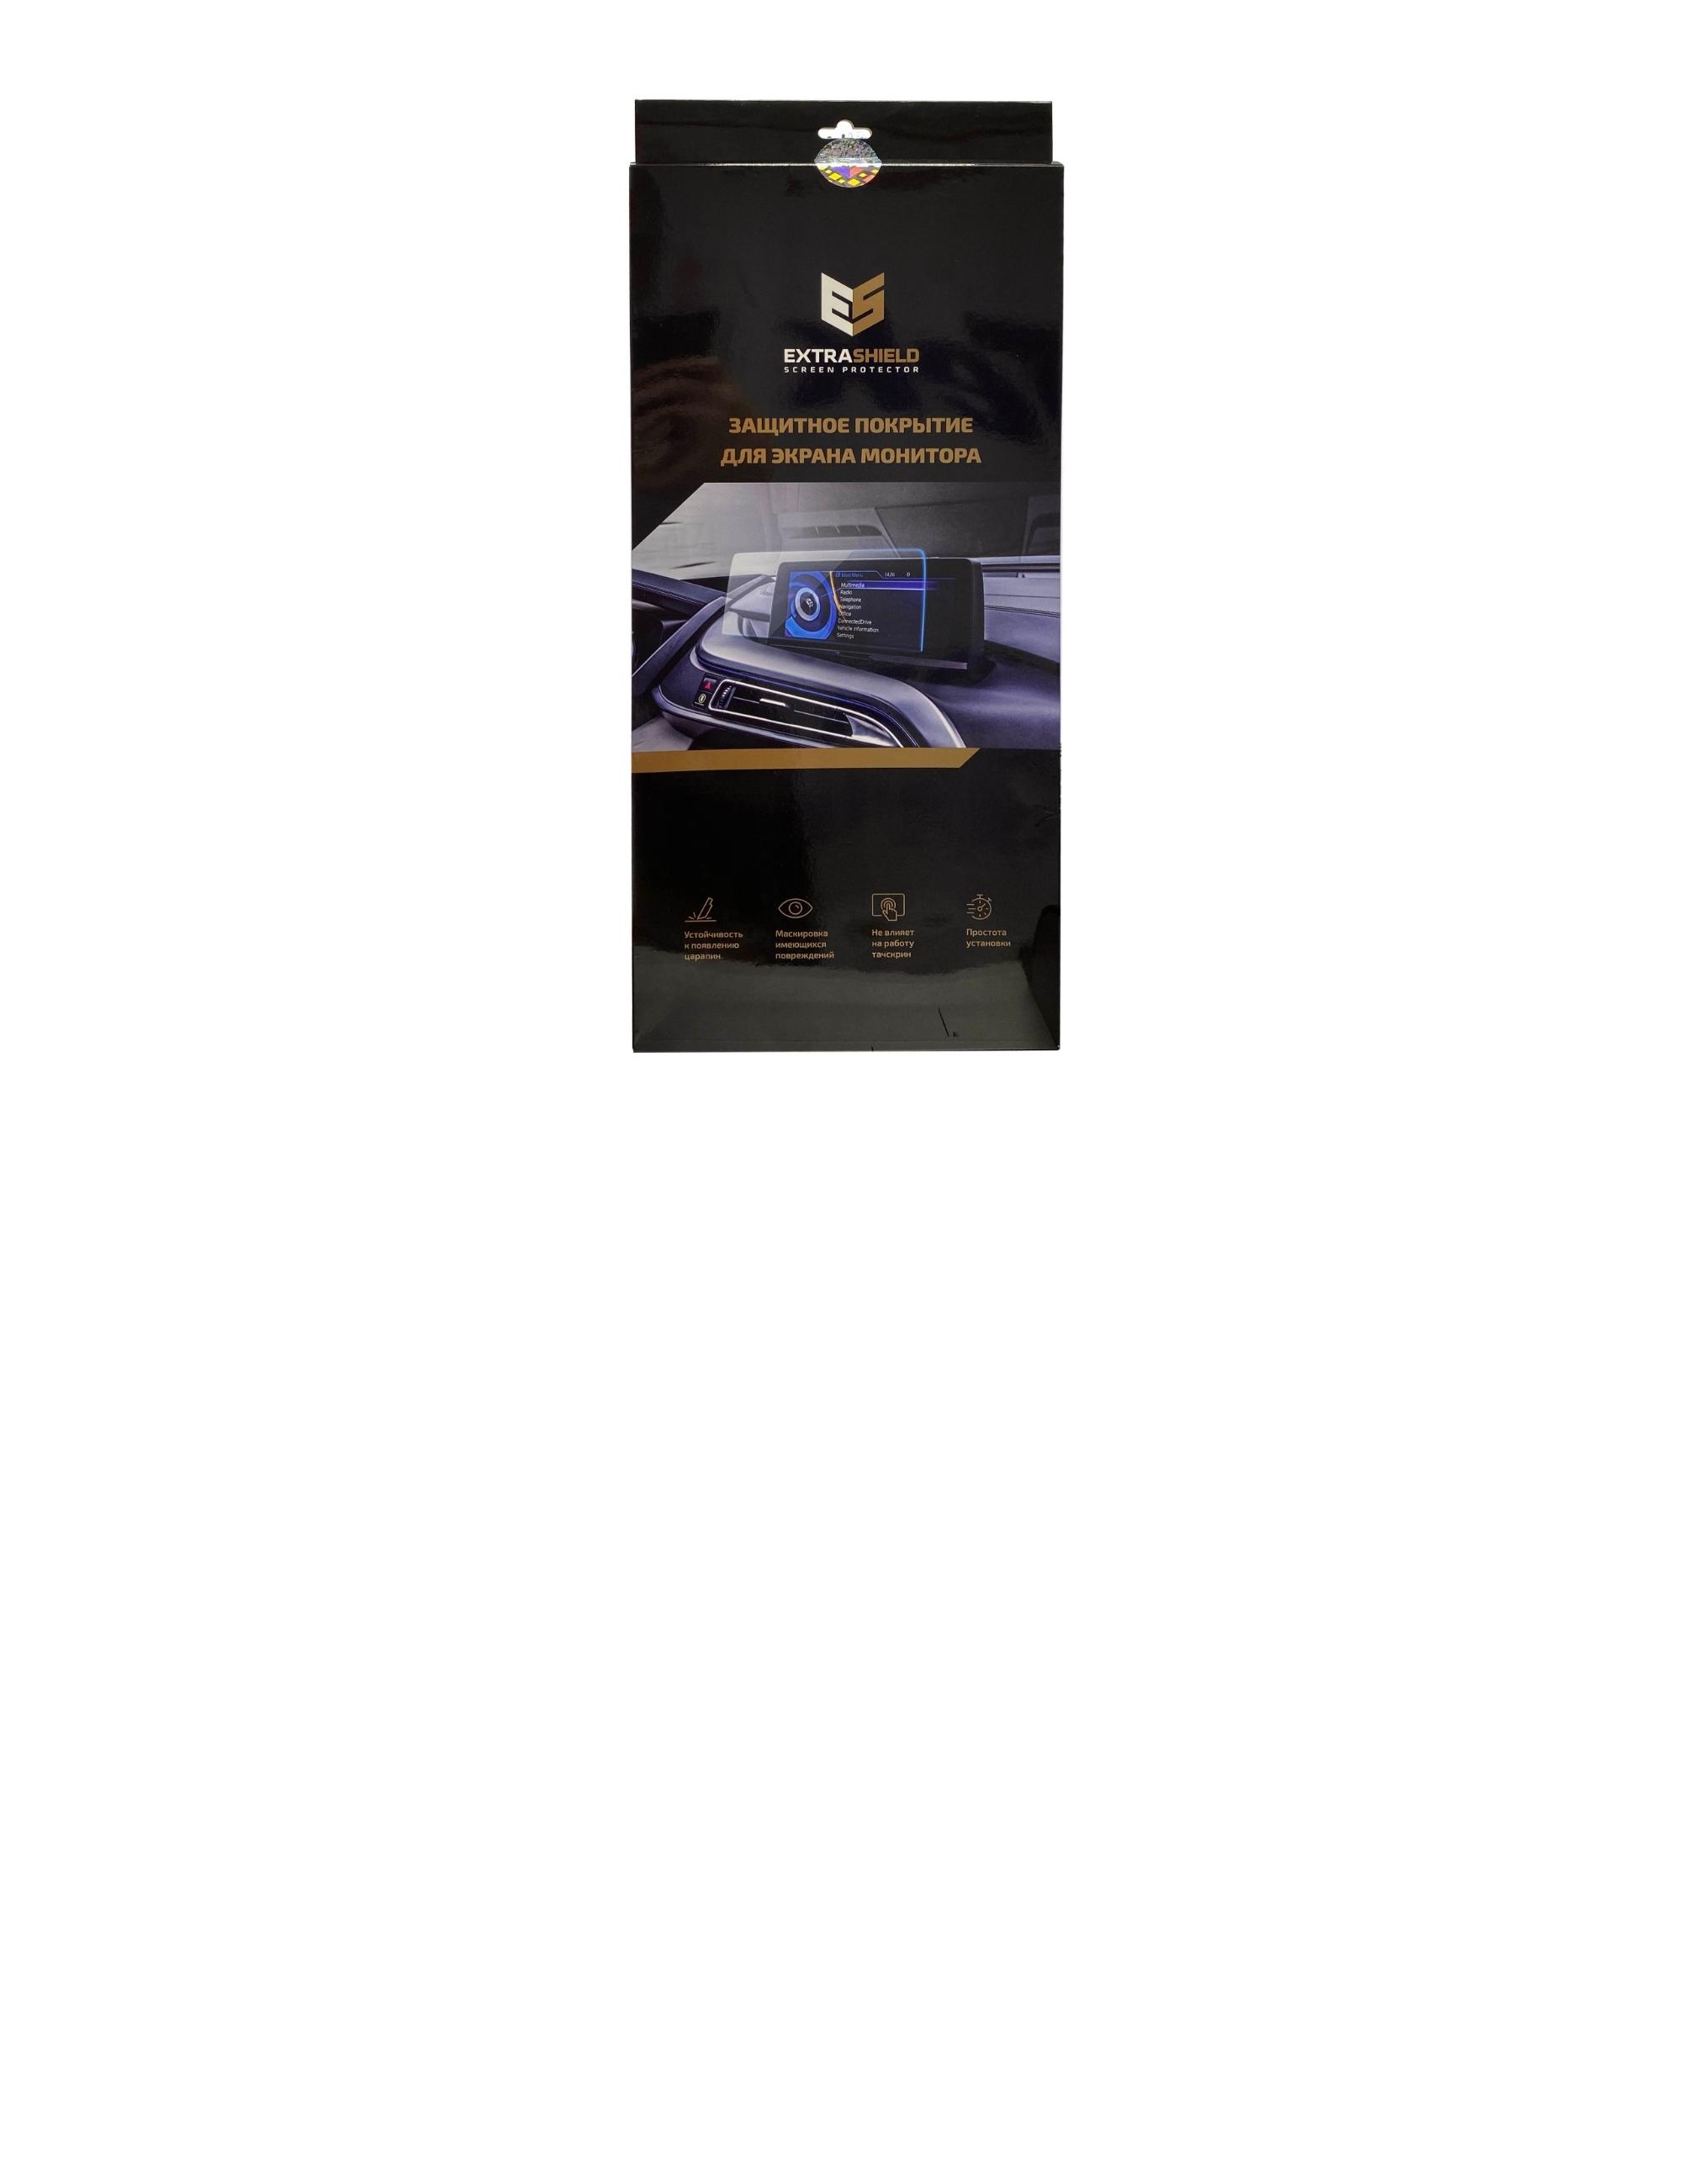 Audi Q5 II (FY) дорестайлинг 2016 - 2019 мультимедиа MMI 7 Статическая пленка Матовая